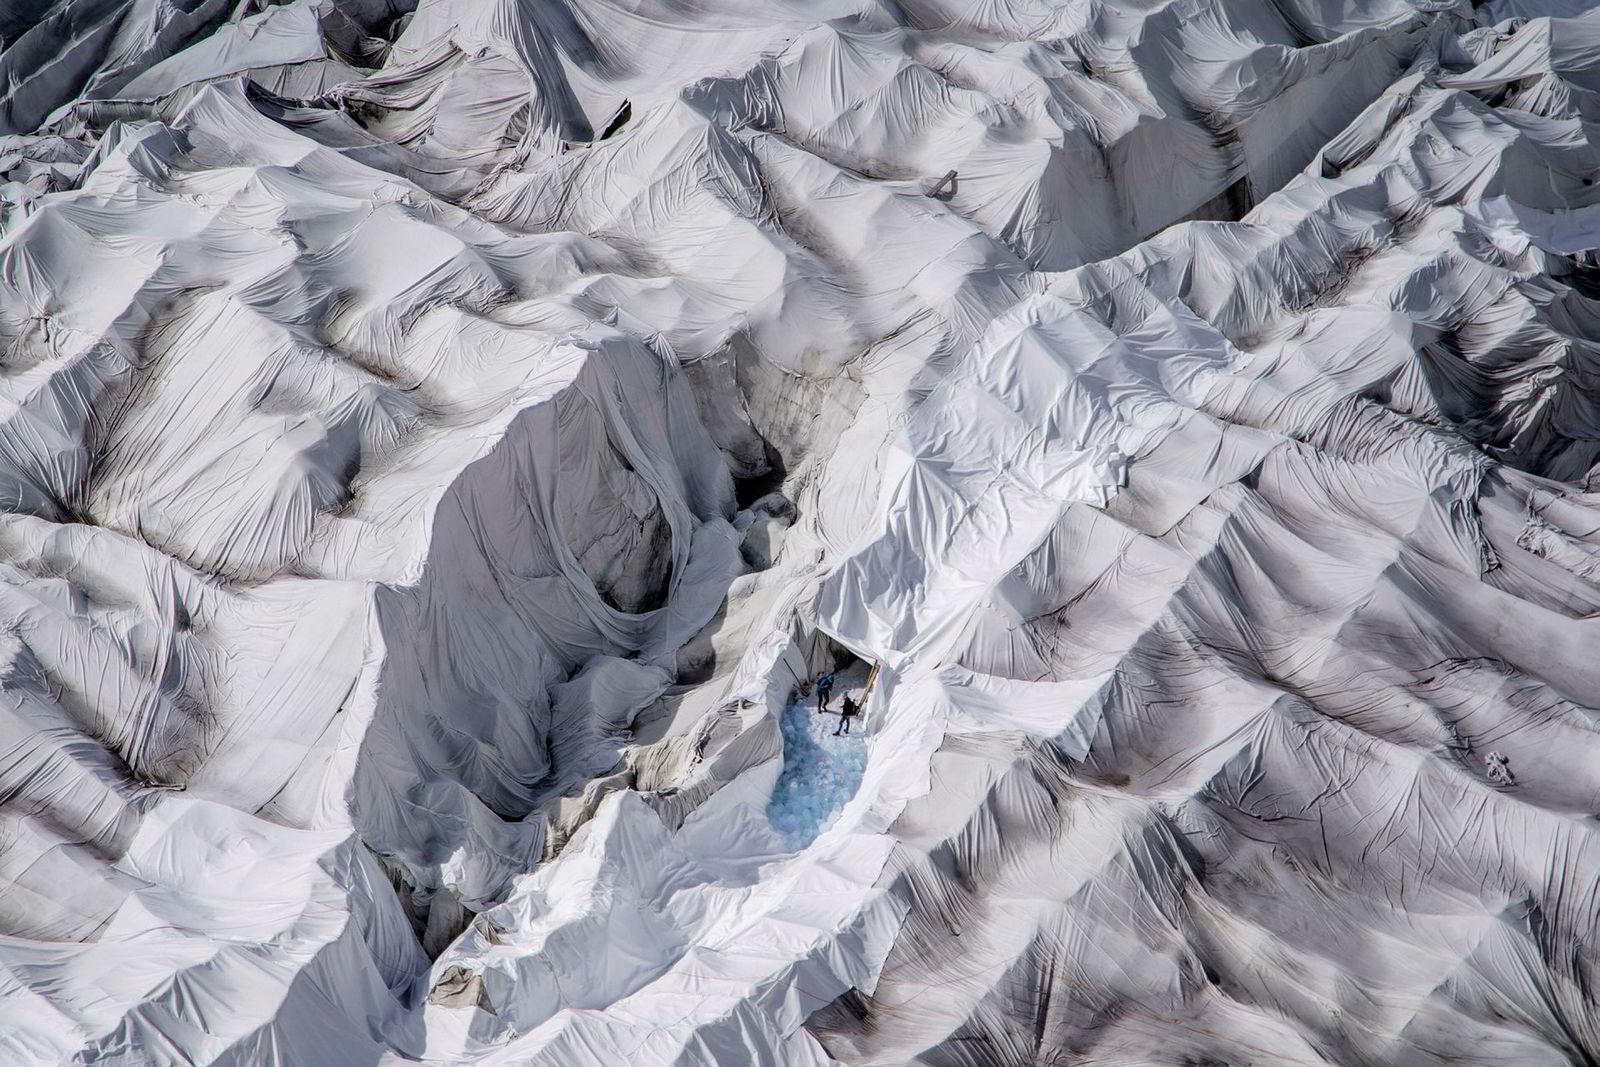 Lakenskrekk: Flere hundre kvadratmeter av Rhonebreen i Sveits er dekket av hvite, enorme flislaken. Flisteppene er med på å bremse opp smeltingen av isgrotten, som er levebrødet til mannen bak flisteppene. Philipp Carlen er fjerde generasjons istunnelbygger på breen. I de senere år har han sett flere og flere turister komme for å se den døende isbreen før den forsvinner helt. Teppene han bruker er med på å kjøle ned breen og dempe effekten av solen, men han innser at det er en tapt kamp. Innen 2090 vil de fleste av isbreene i alpene være forsvunnet som følge av global oppvarming.